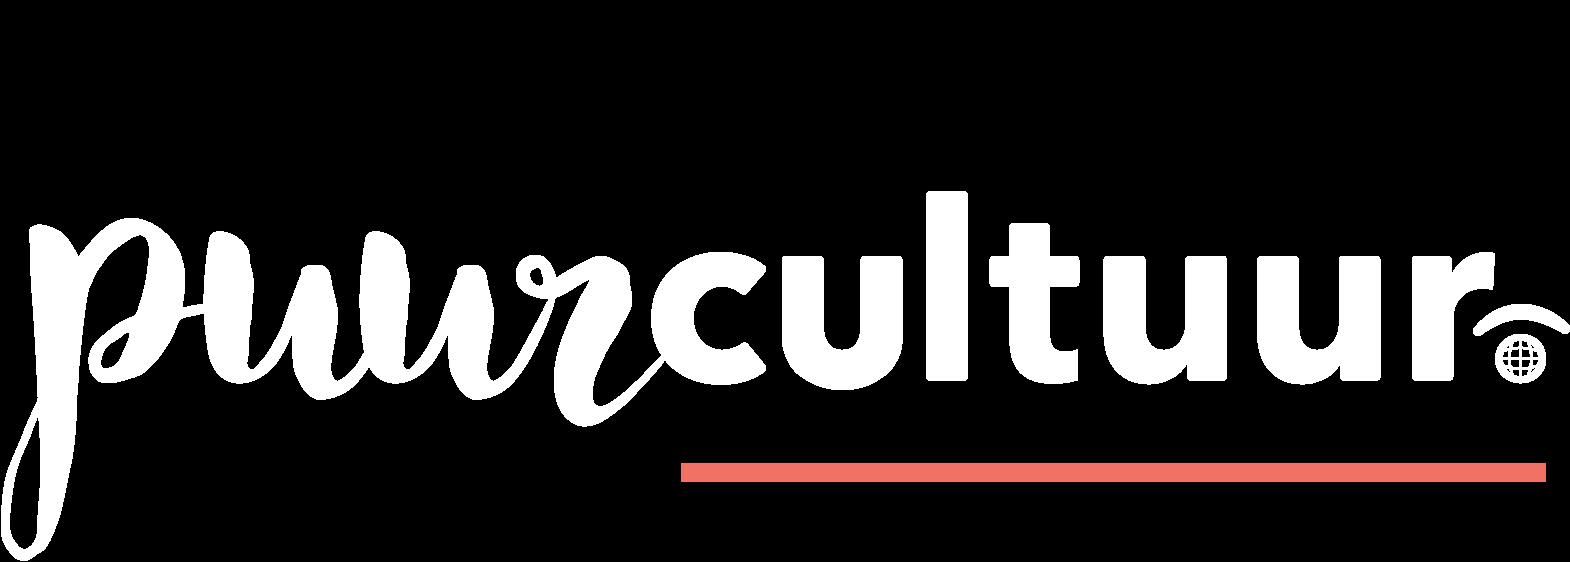 PuurCultuur